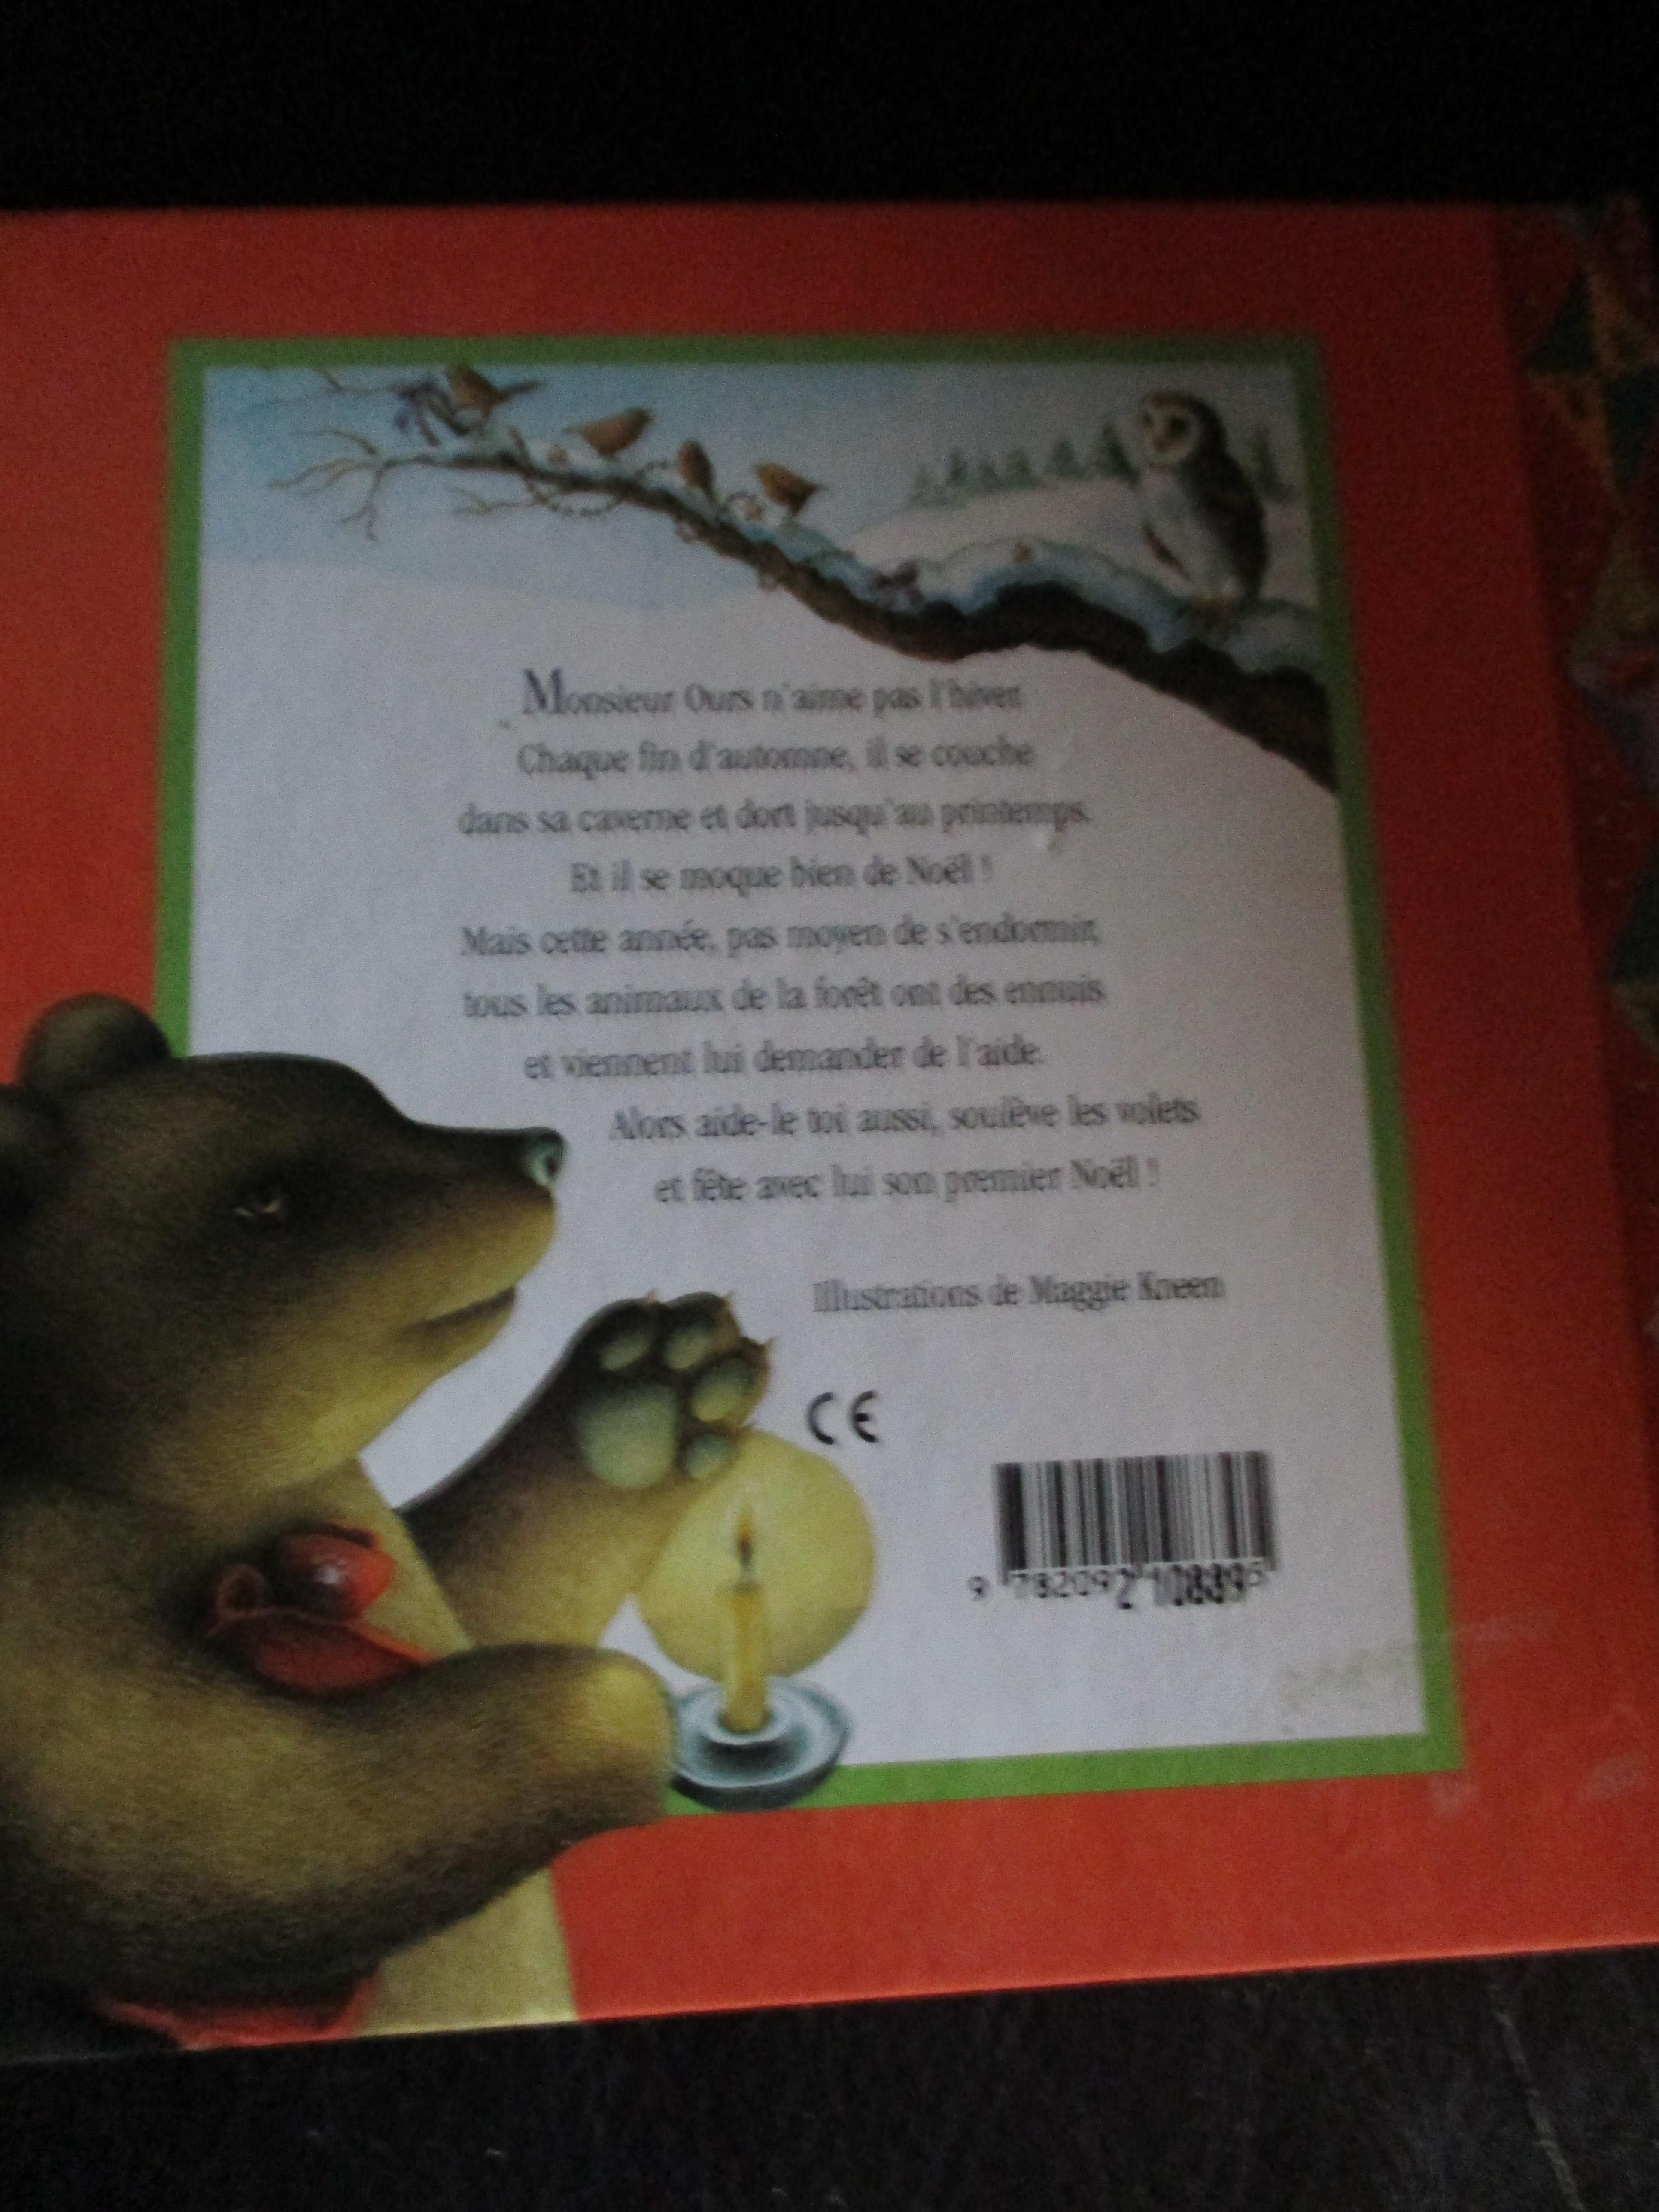 troc de troc album animé : le premier noel de monsieur ours image 1